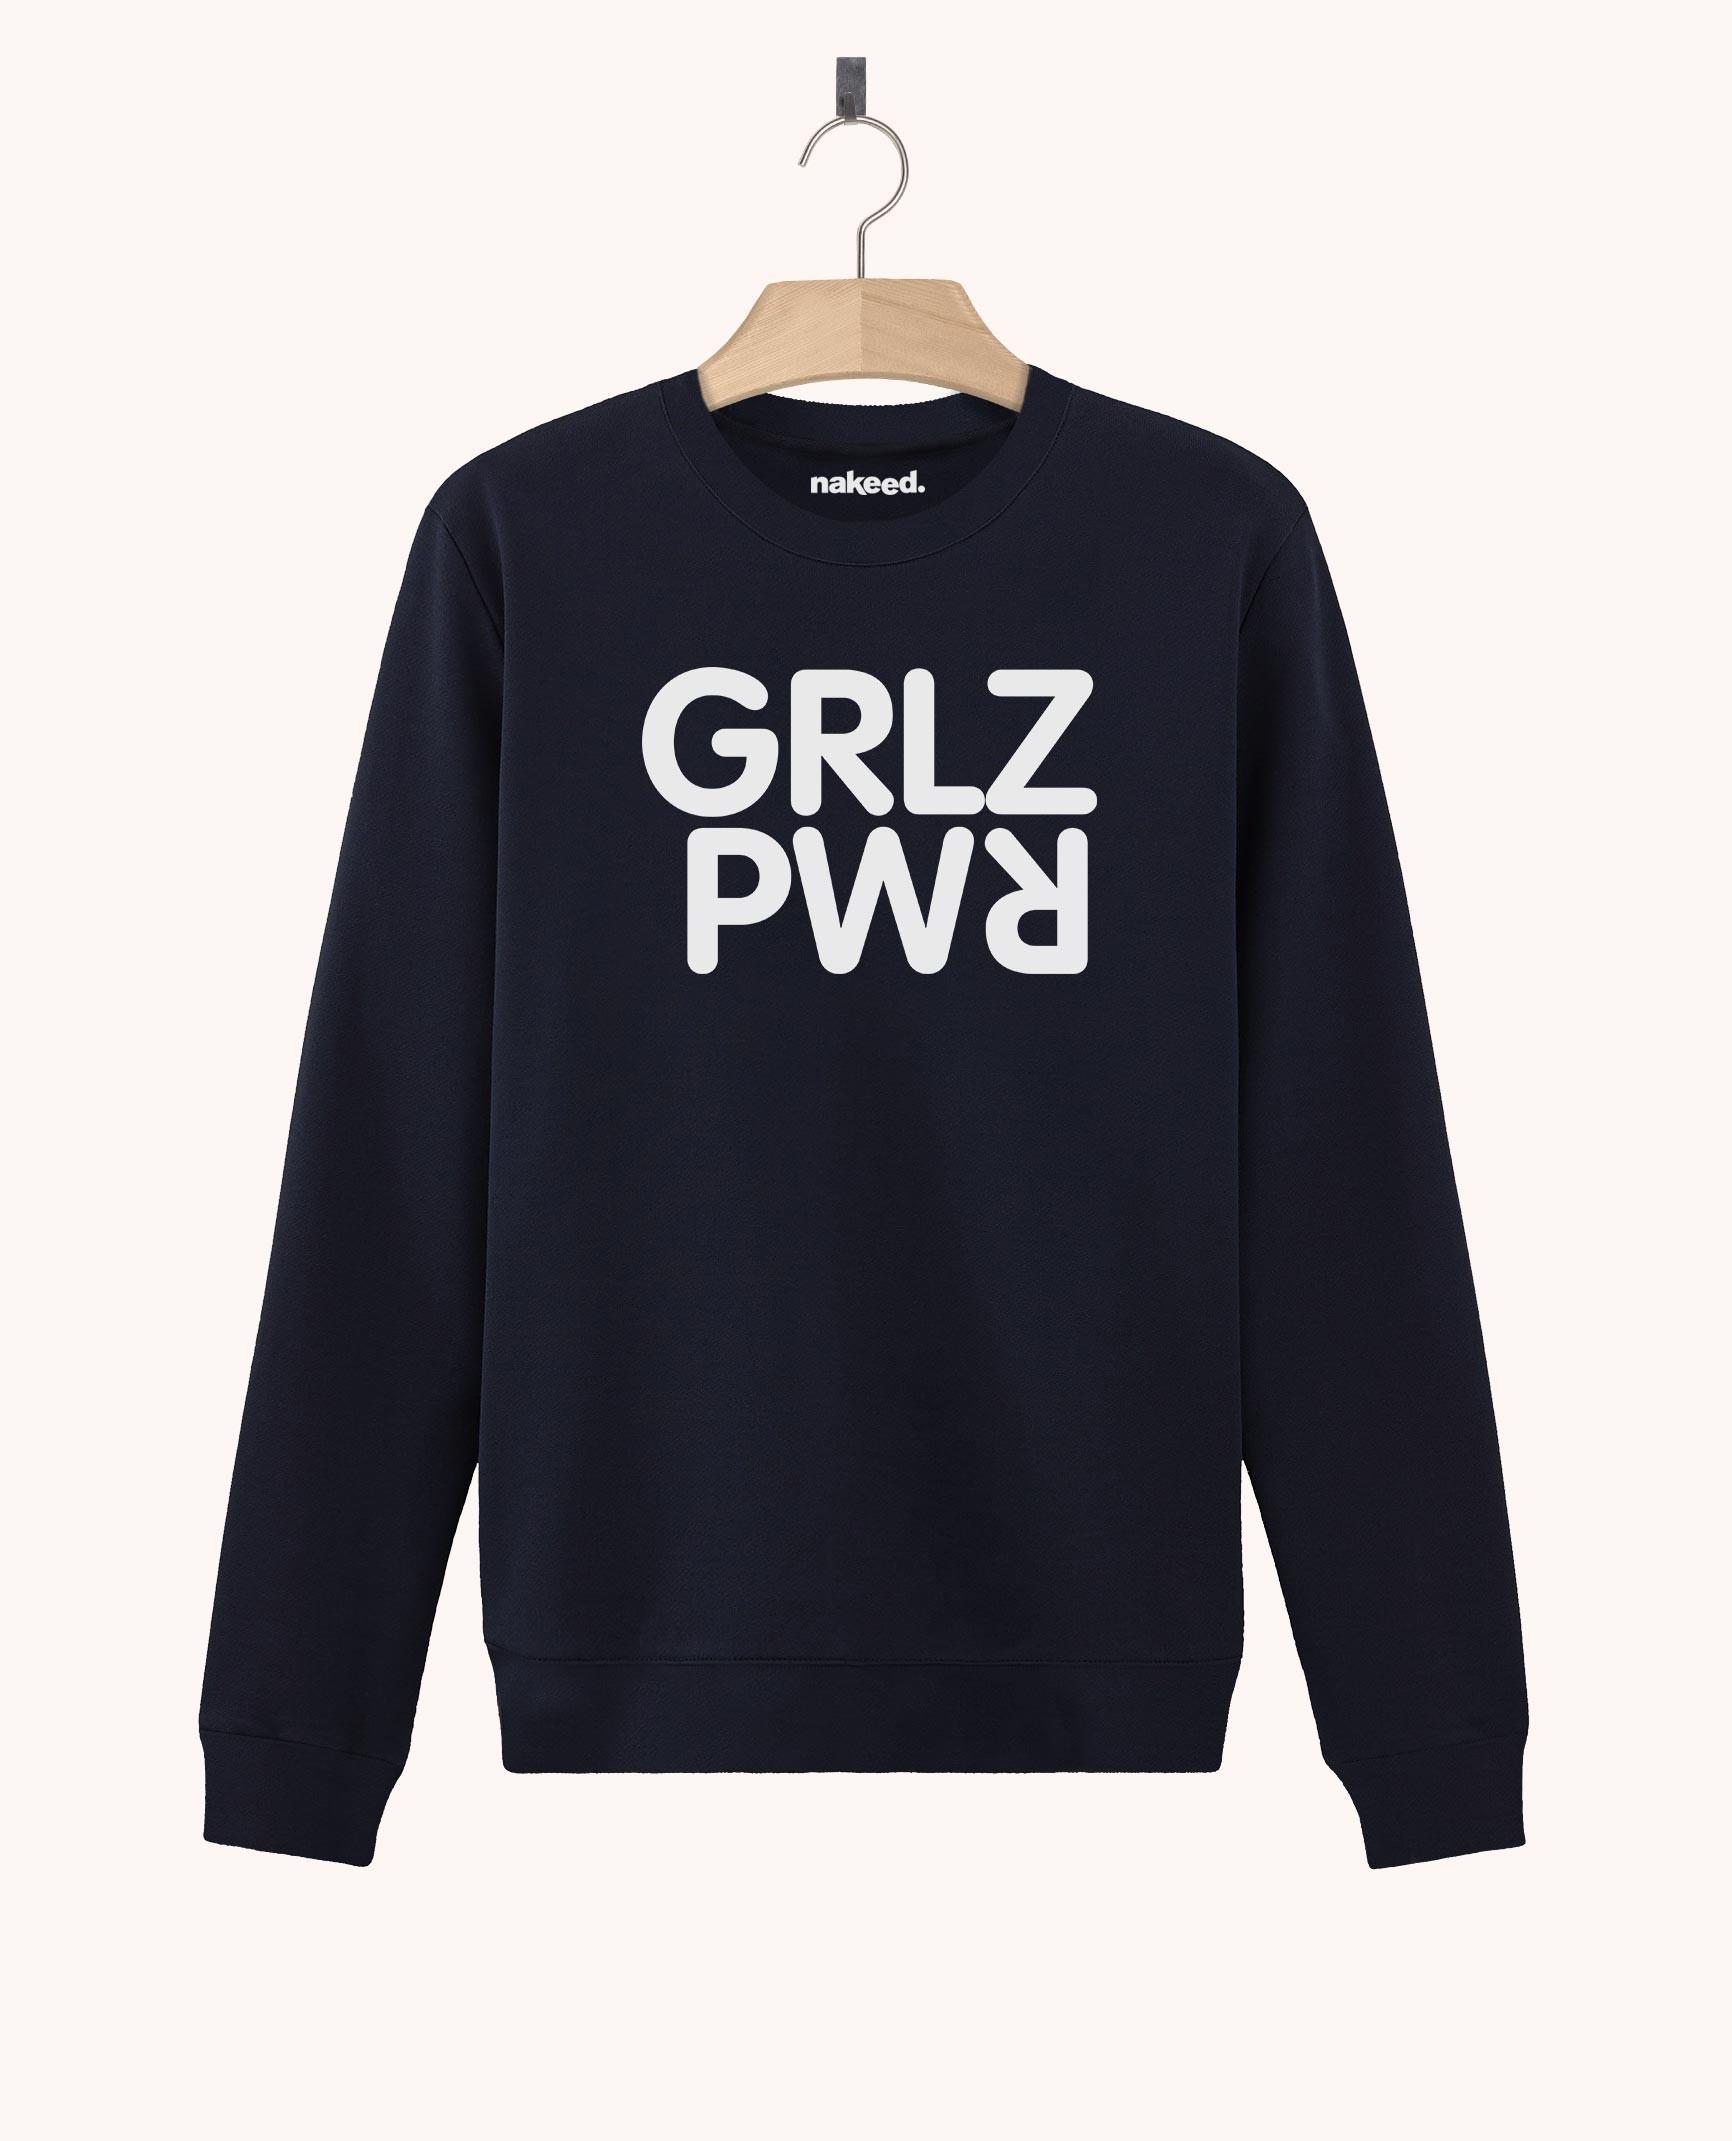 Sweatshirt Girlz Power